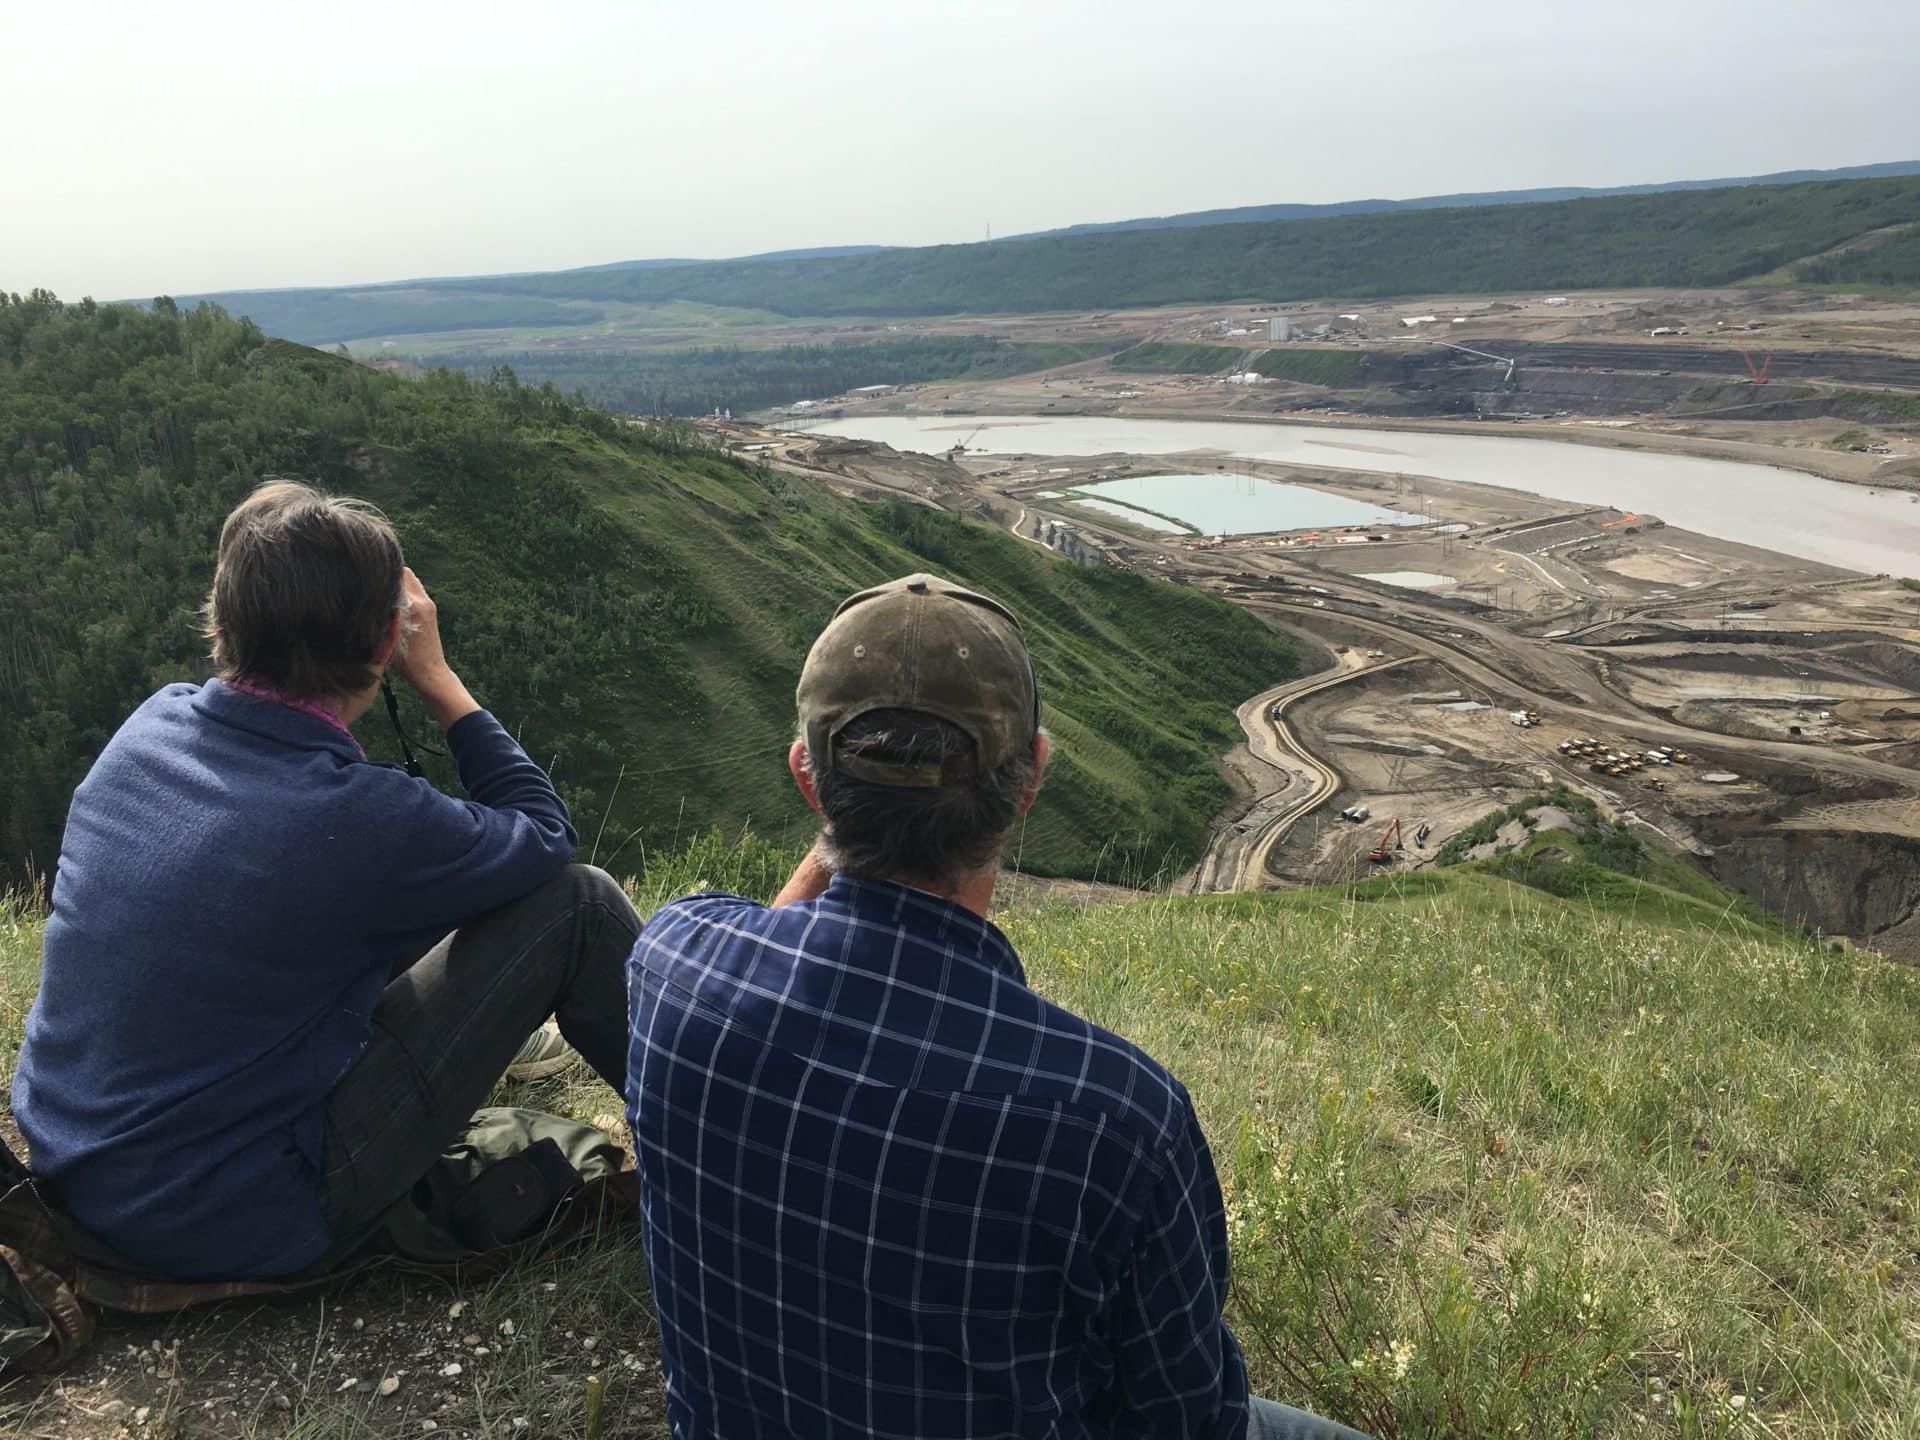 Ken and Arlene Boon overlook the Site C dam